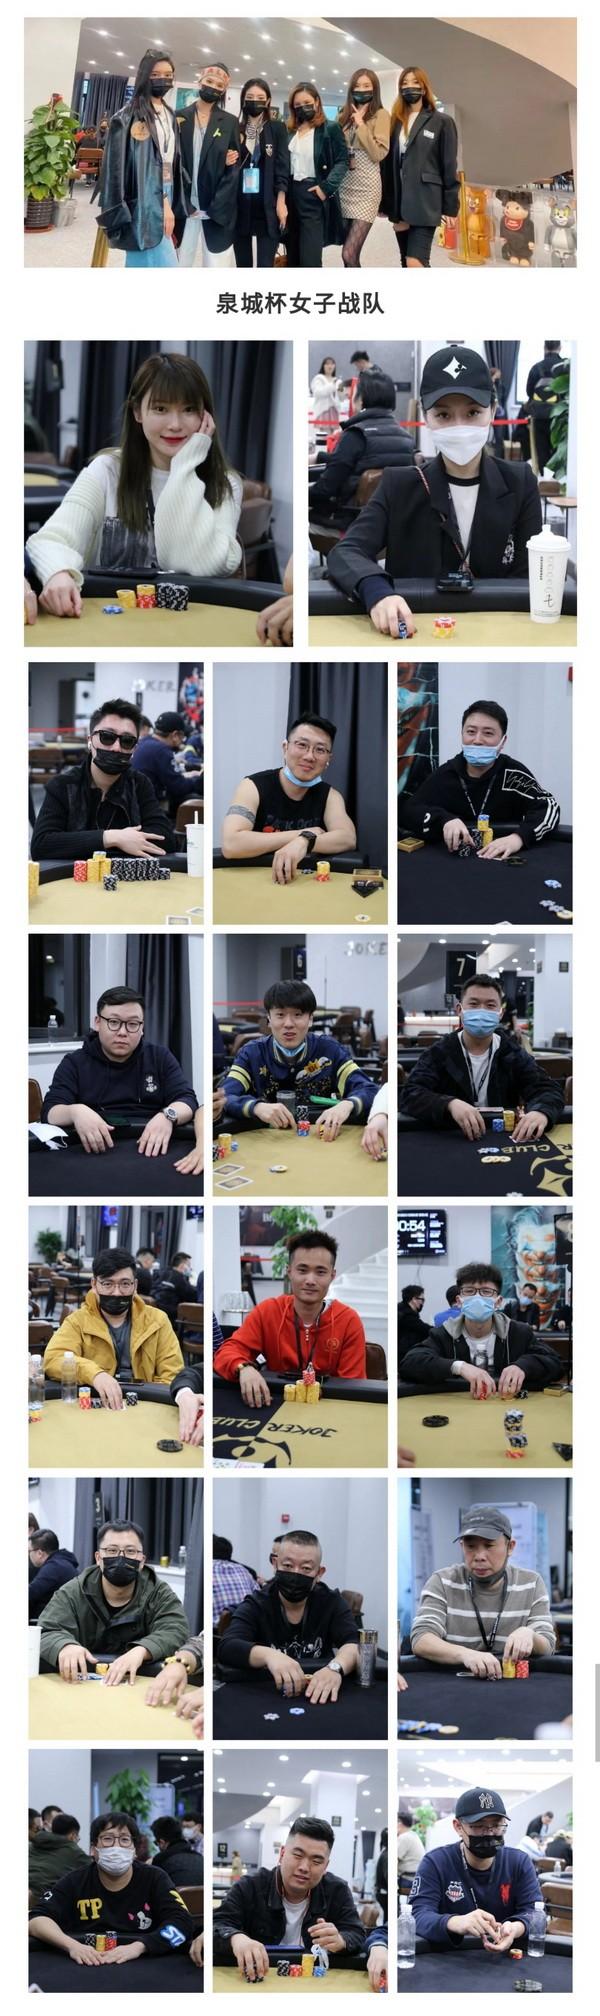 【蜗牛扑克】2021SCPT 泉城杯   选手眼中的泉城杯,唐启斐成为C组领跑者!